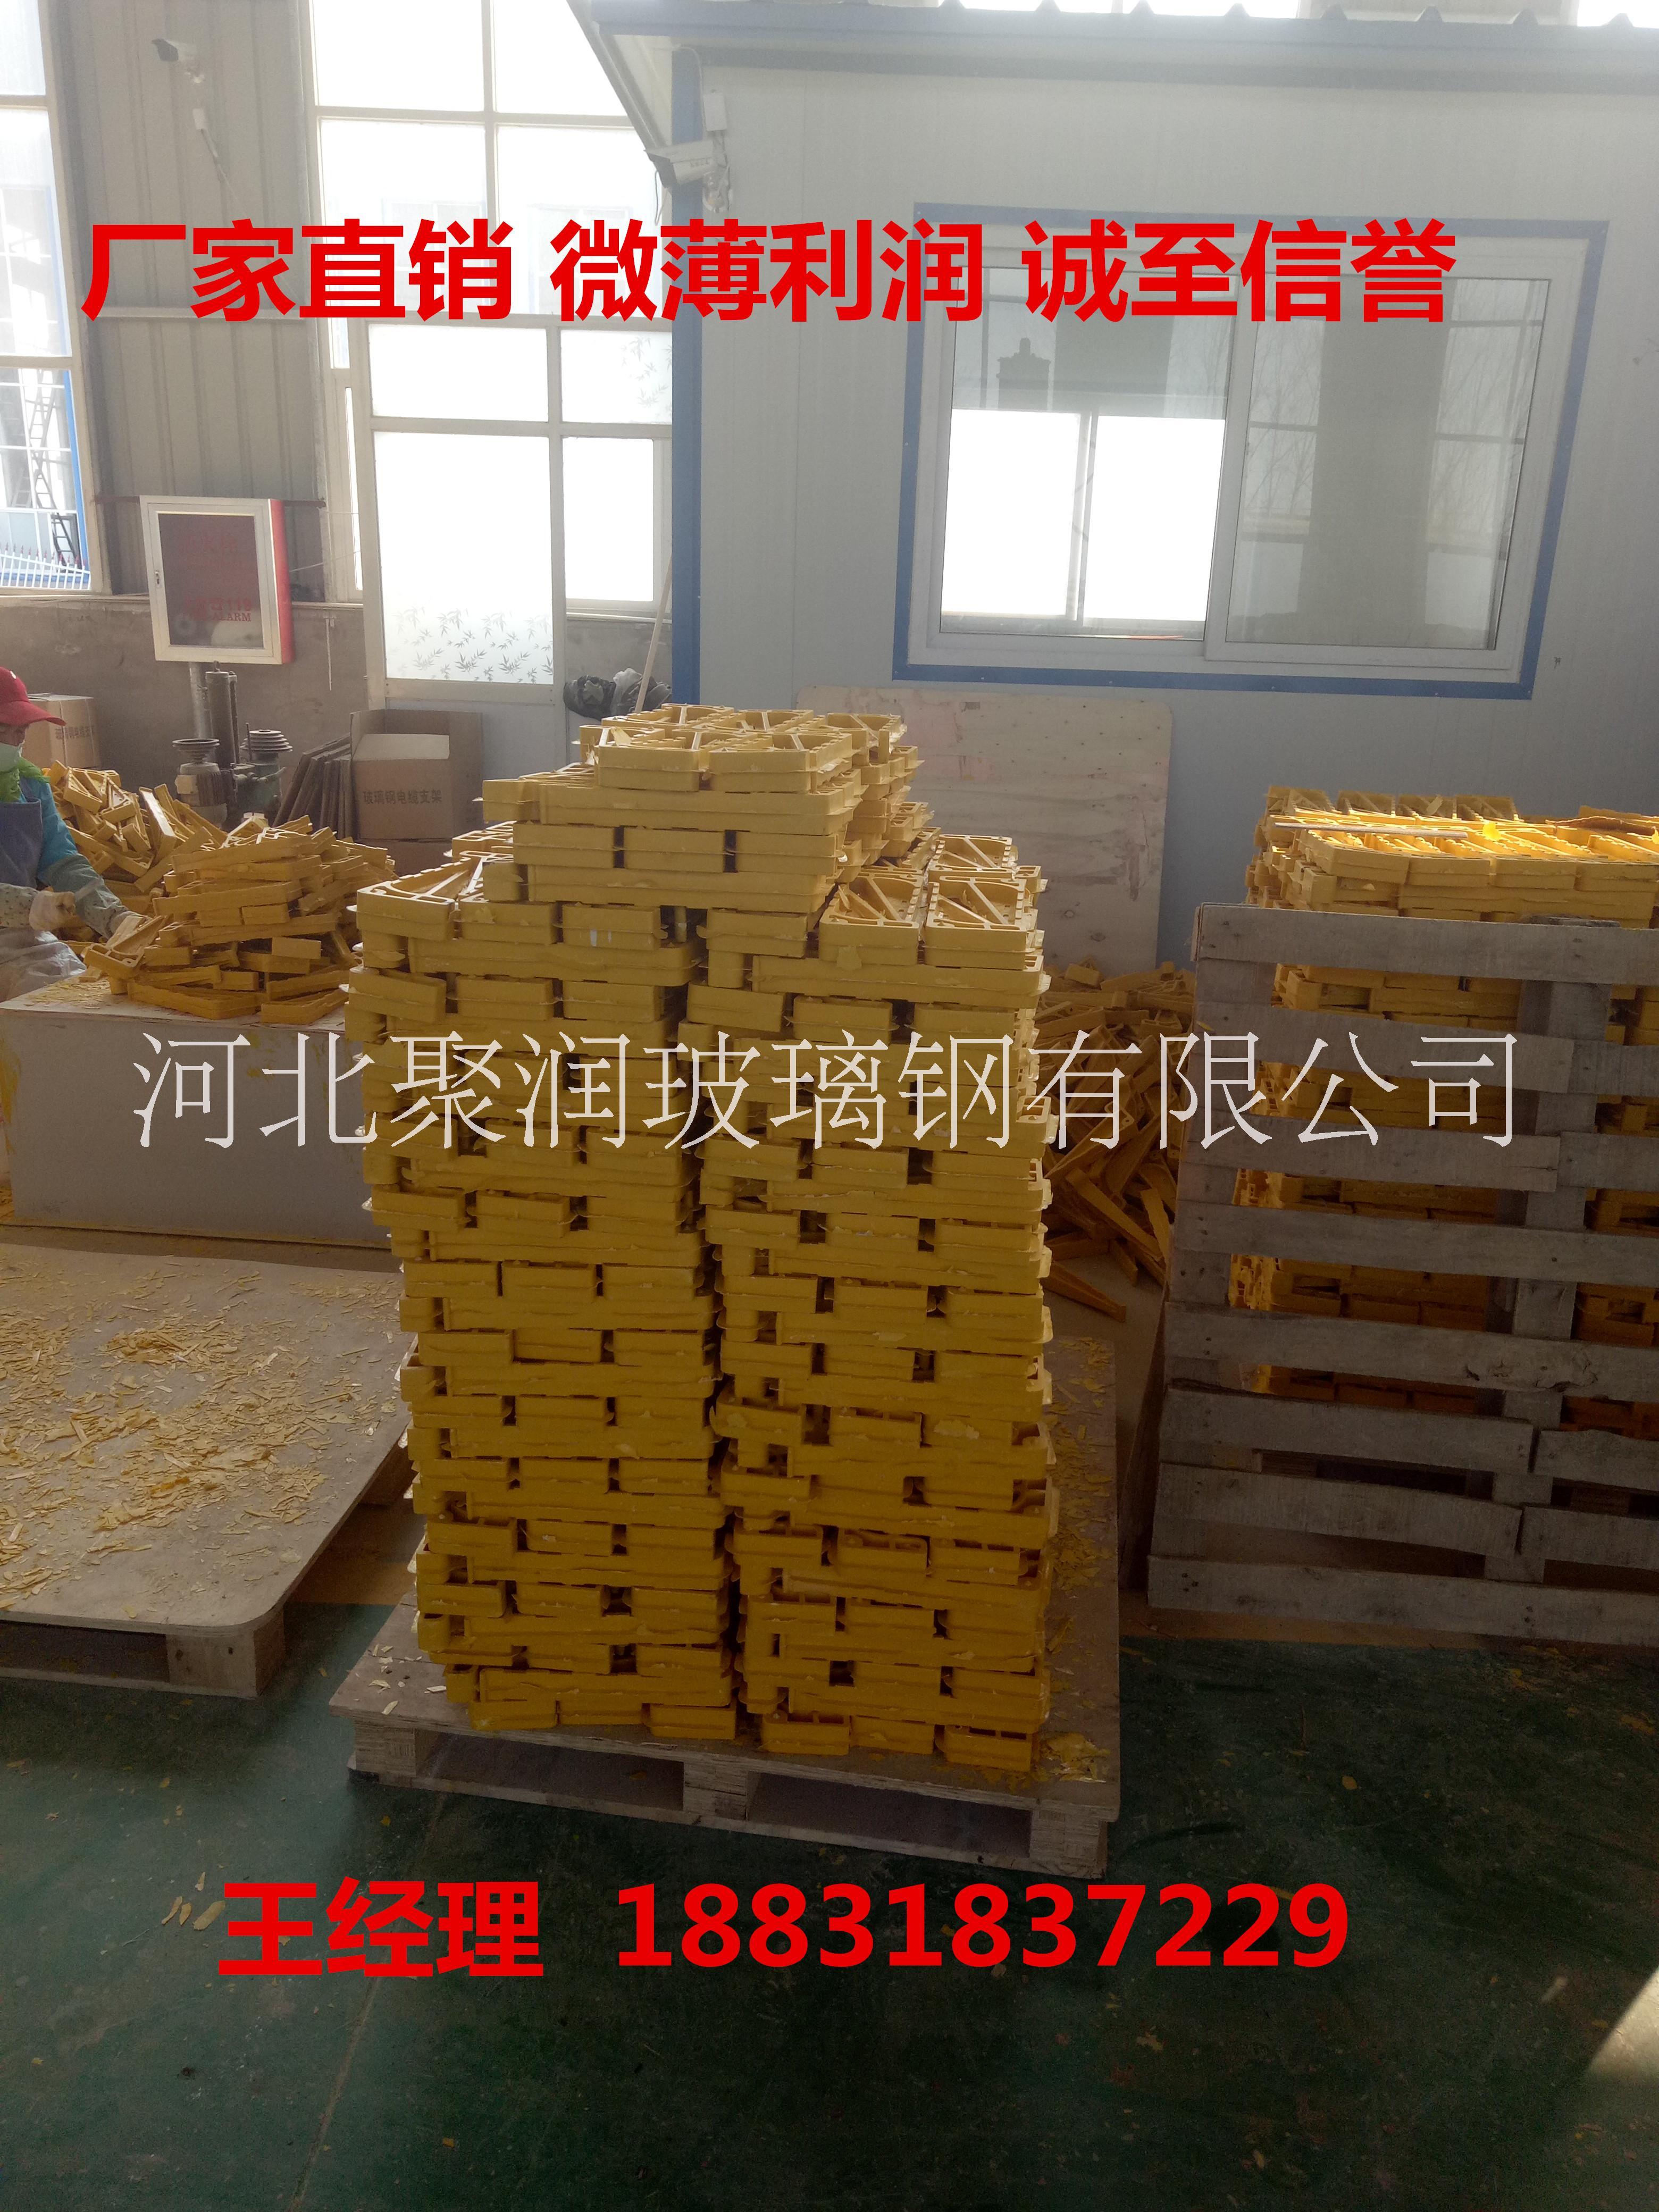 河北玻璃钢线缆支架厂家直销北京玻璃钢线缆支架